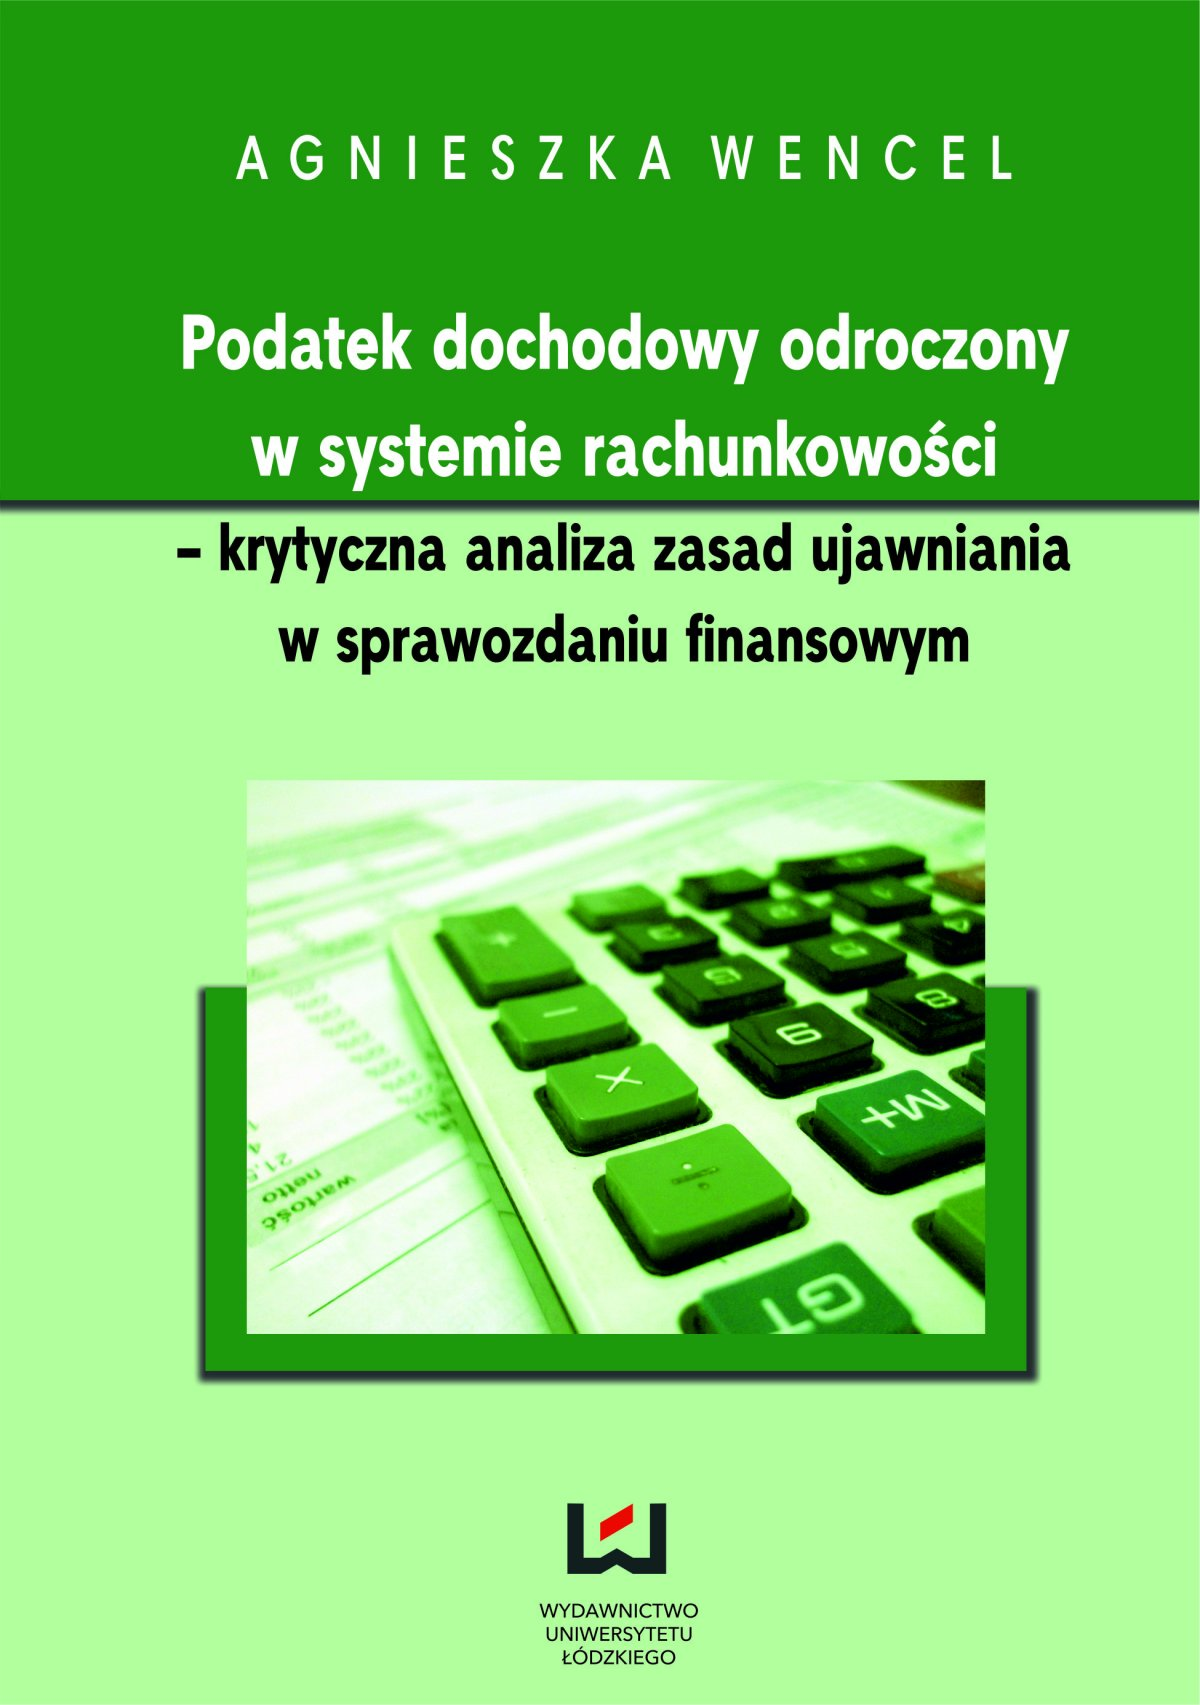 Podatek dochodowy odroczony w systemie rachunkowości - krytyczna analiza zasad ujawniania w sprawozdaniu finansowym - Ebook (Książka PDF) do pobrania w formacie PDF